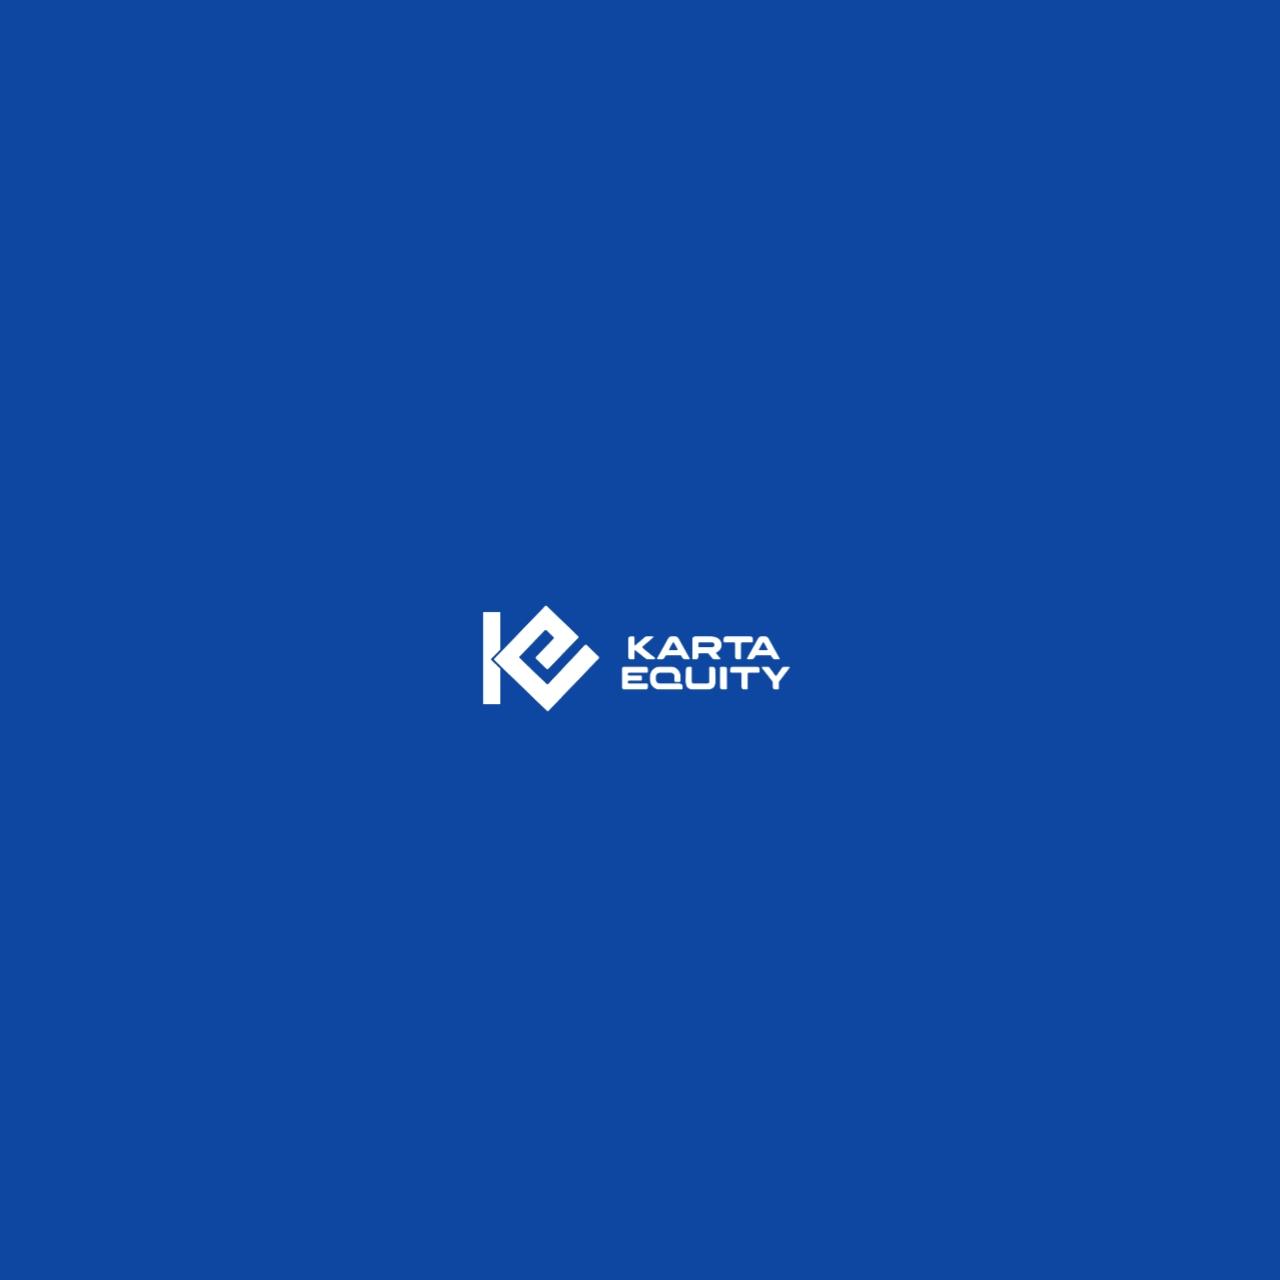 Логотип для компании инвестироваюшей в жилую недвижимость фото f_1065e14ad8e37947.jpg